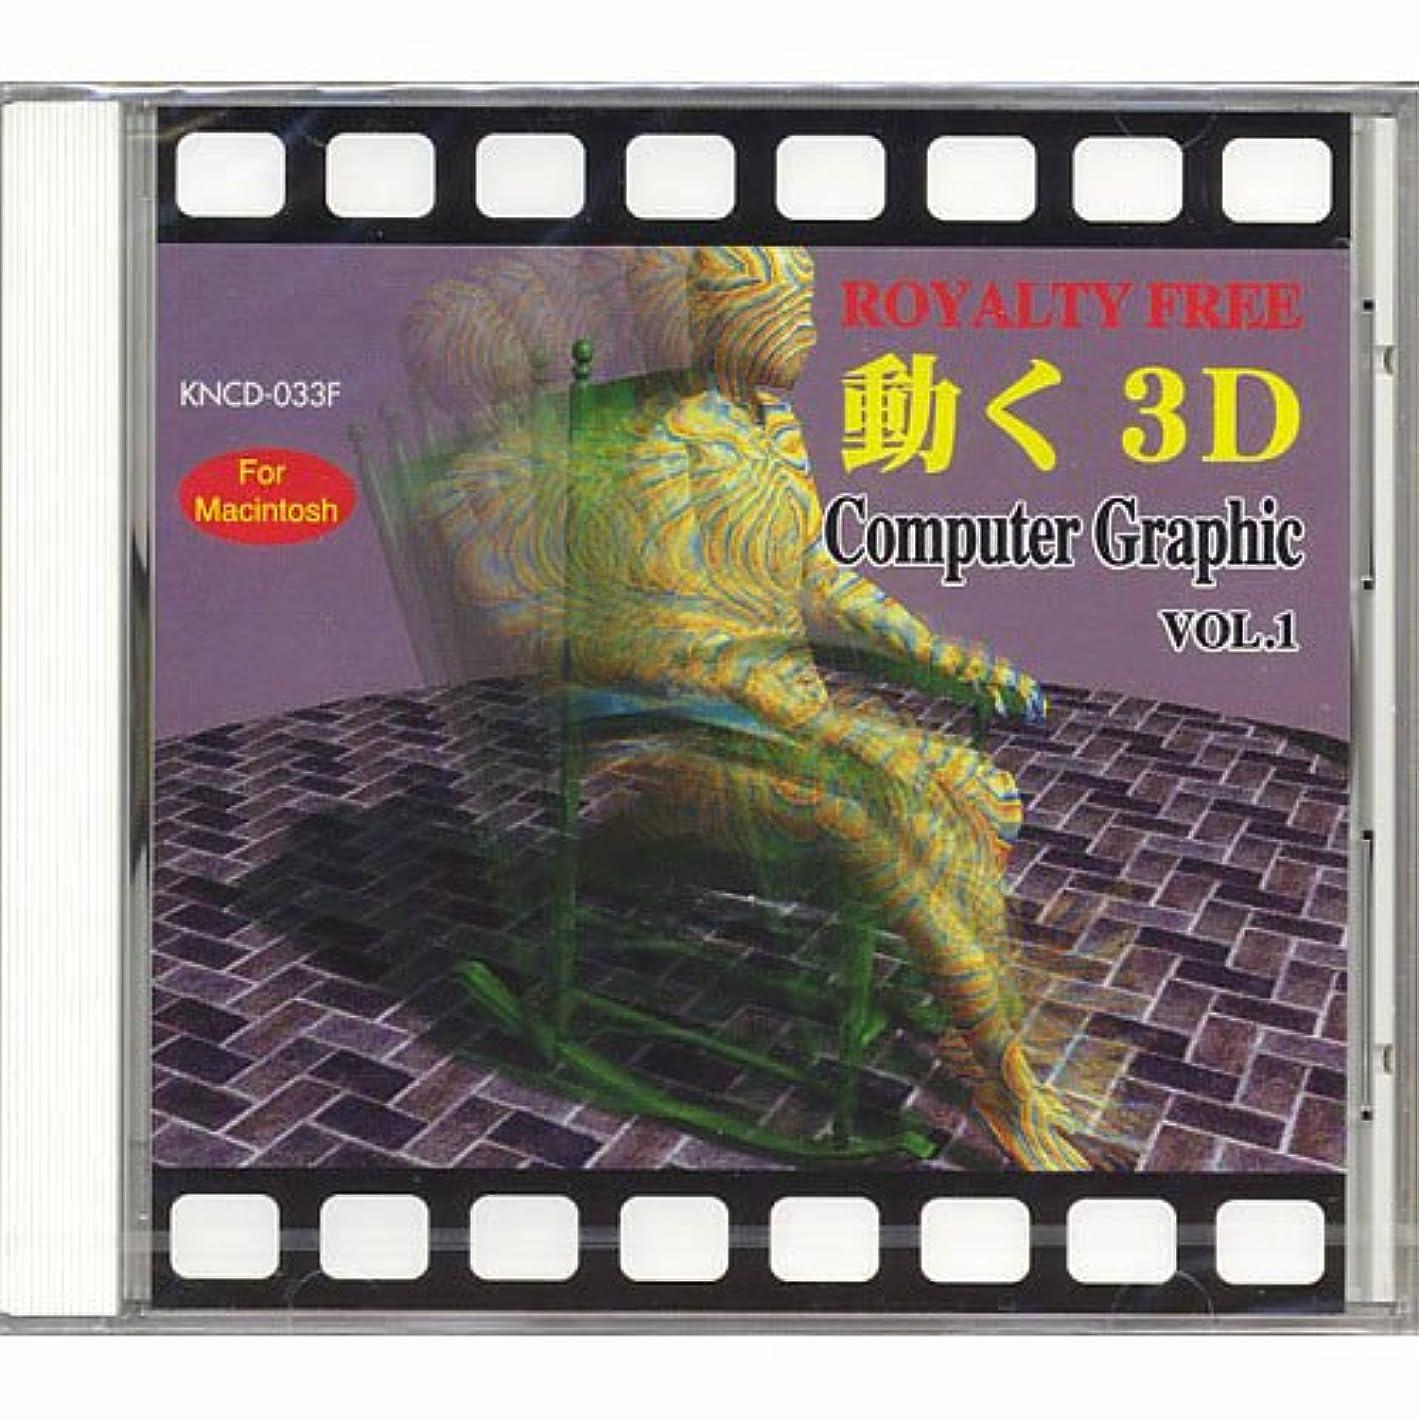 豊かなジーンズ無意味Royalty Free 動く3D COMPUTER GRAPHIC VOL.1